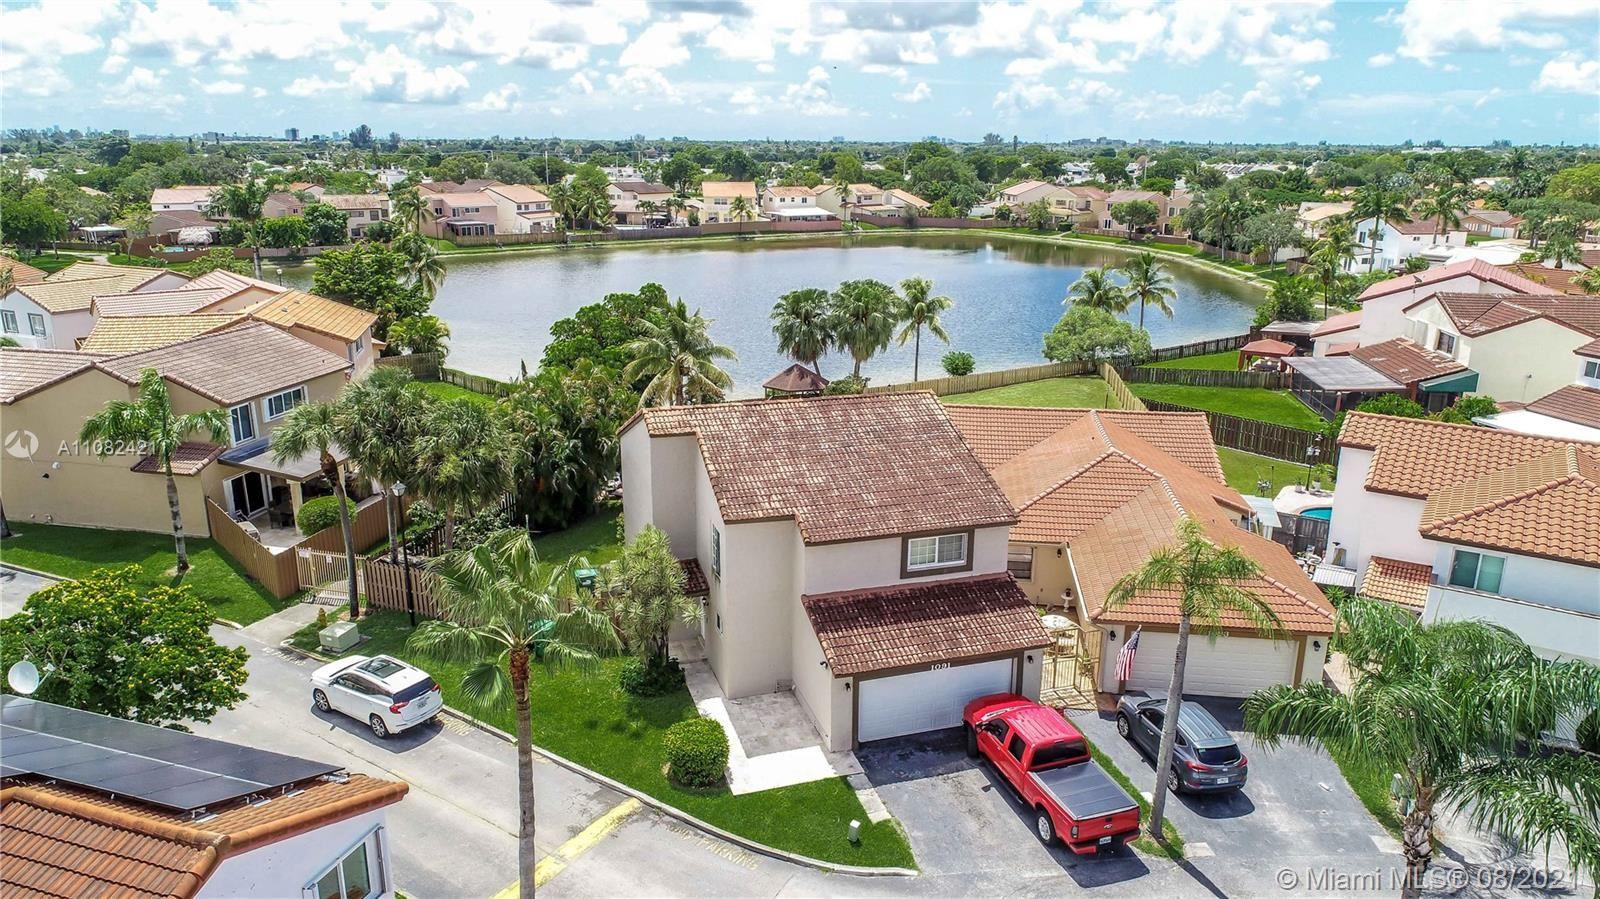 1091 SW 134th Ct, Miami, FL 33184 - #: A11082421